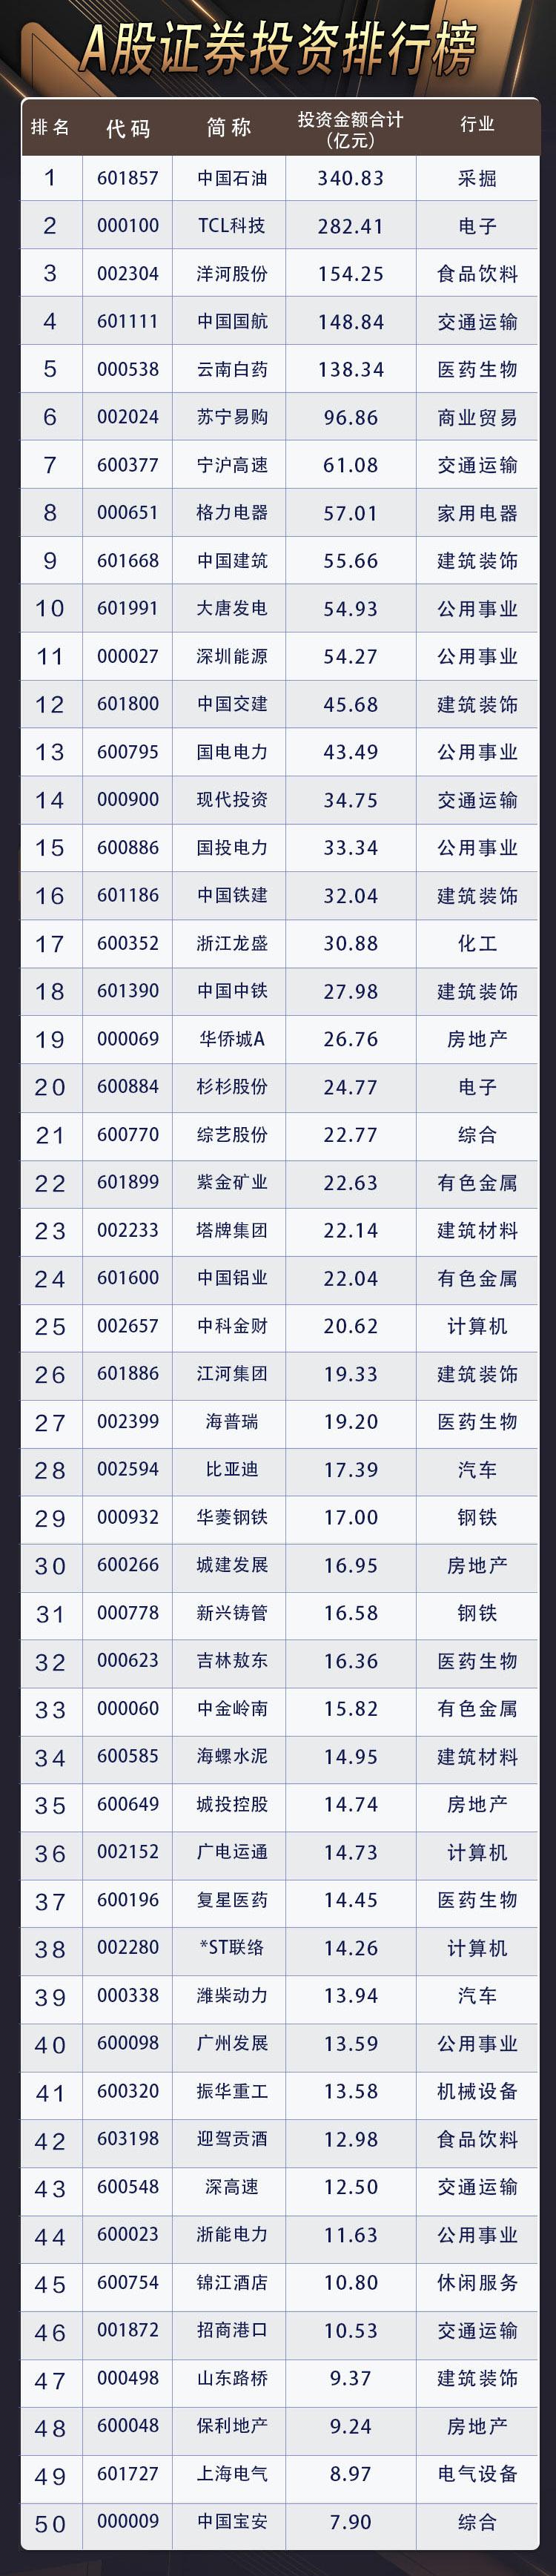 沐鸣2注册登录A股投资收益榜:上市公司投资收益占比创历史新高 5家公司赚超百亿